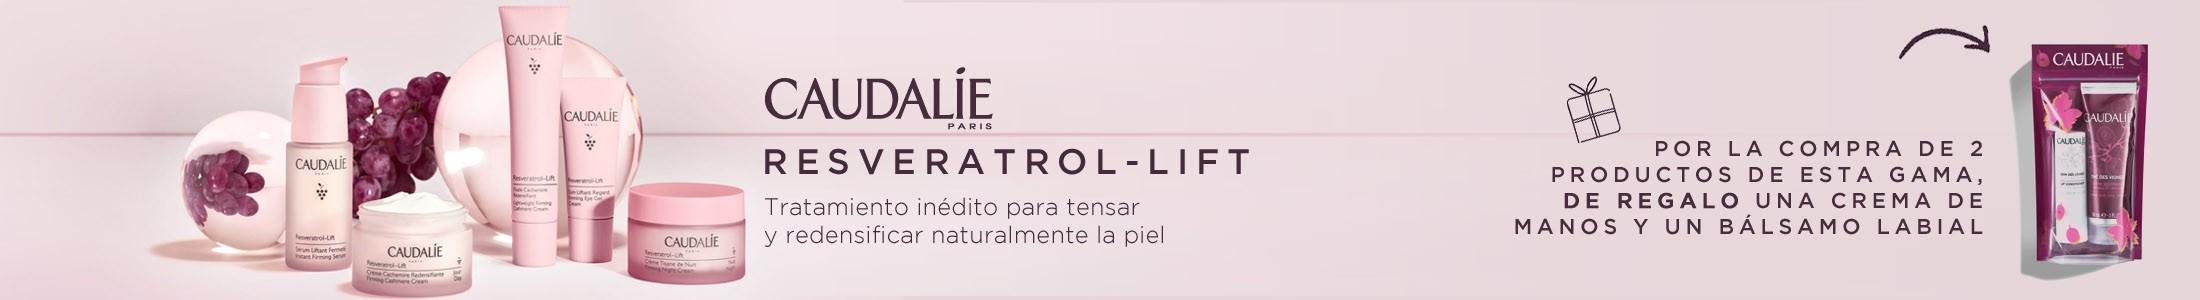 Caudalie Resveratrol Lifts